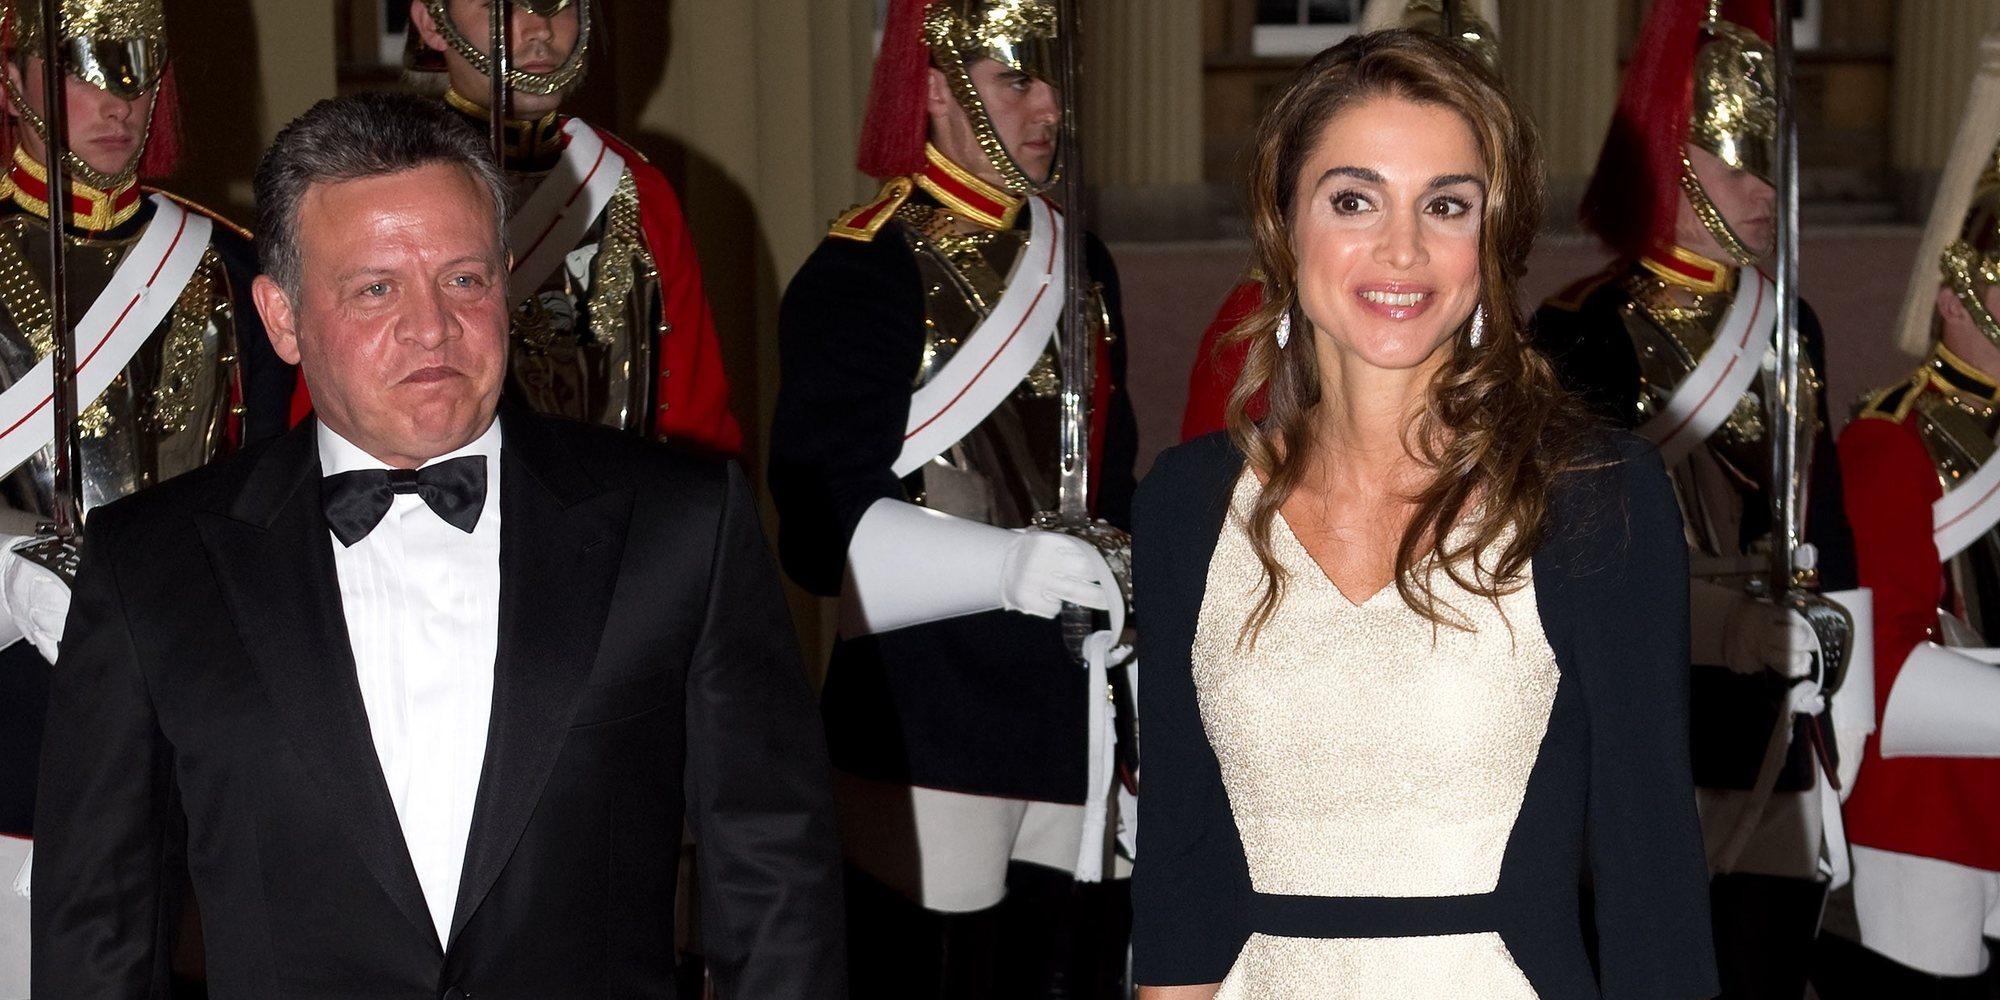 El romántico mensaje de Rania de Jordania al Rey Abdalá por su 26 aniversario de boda